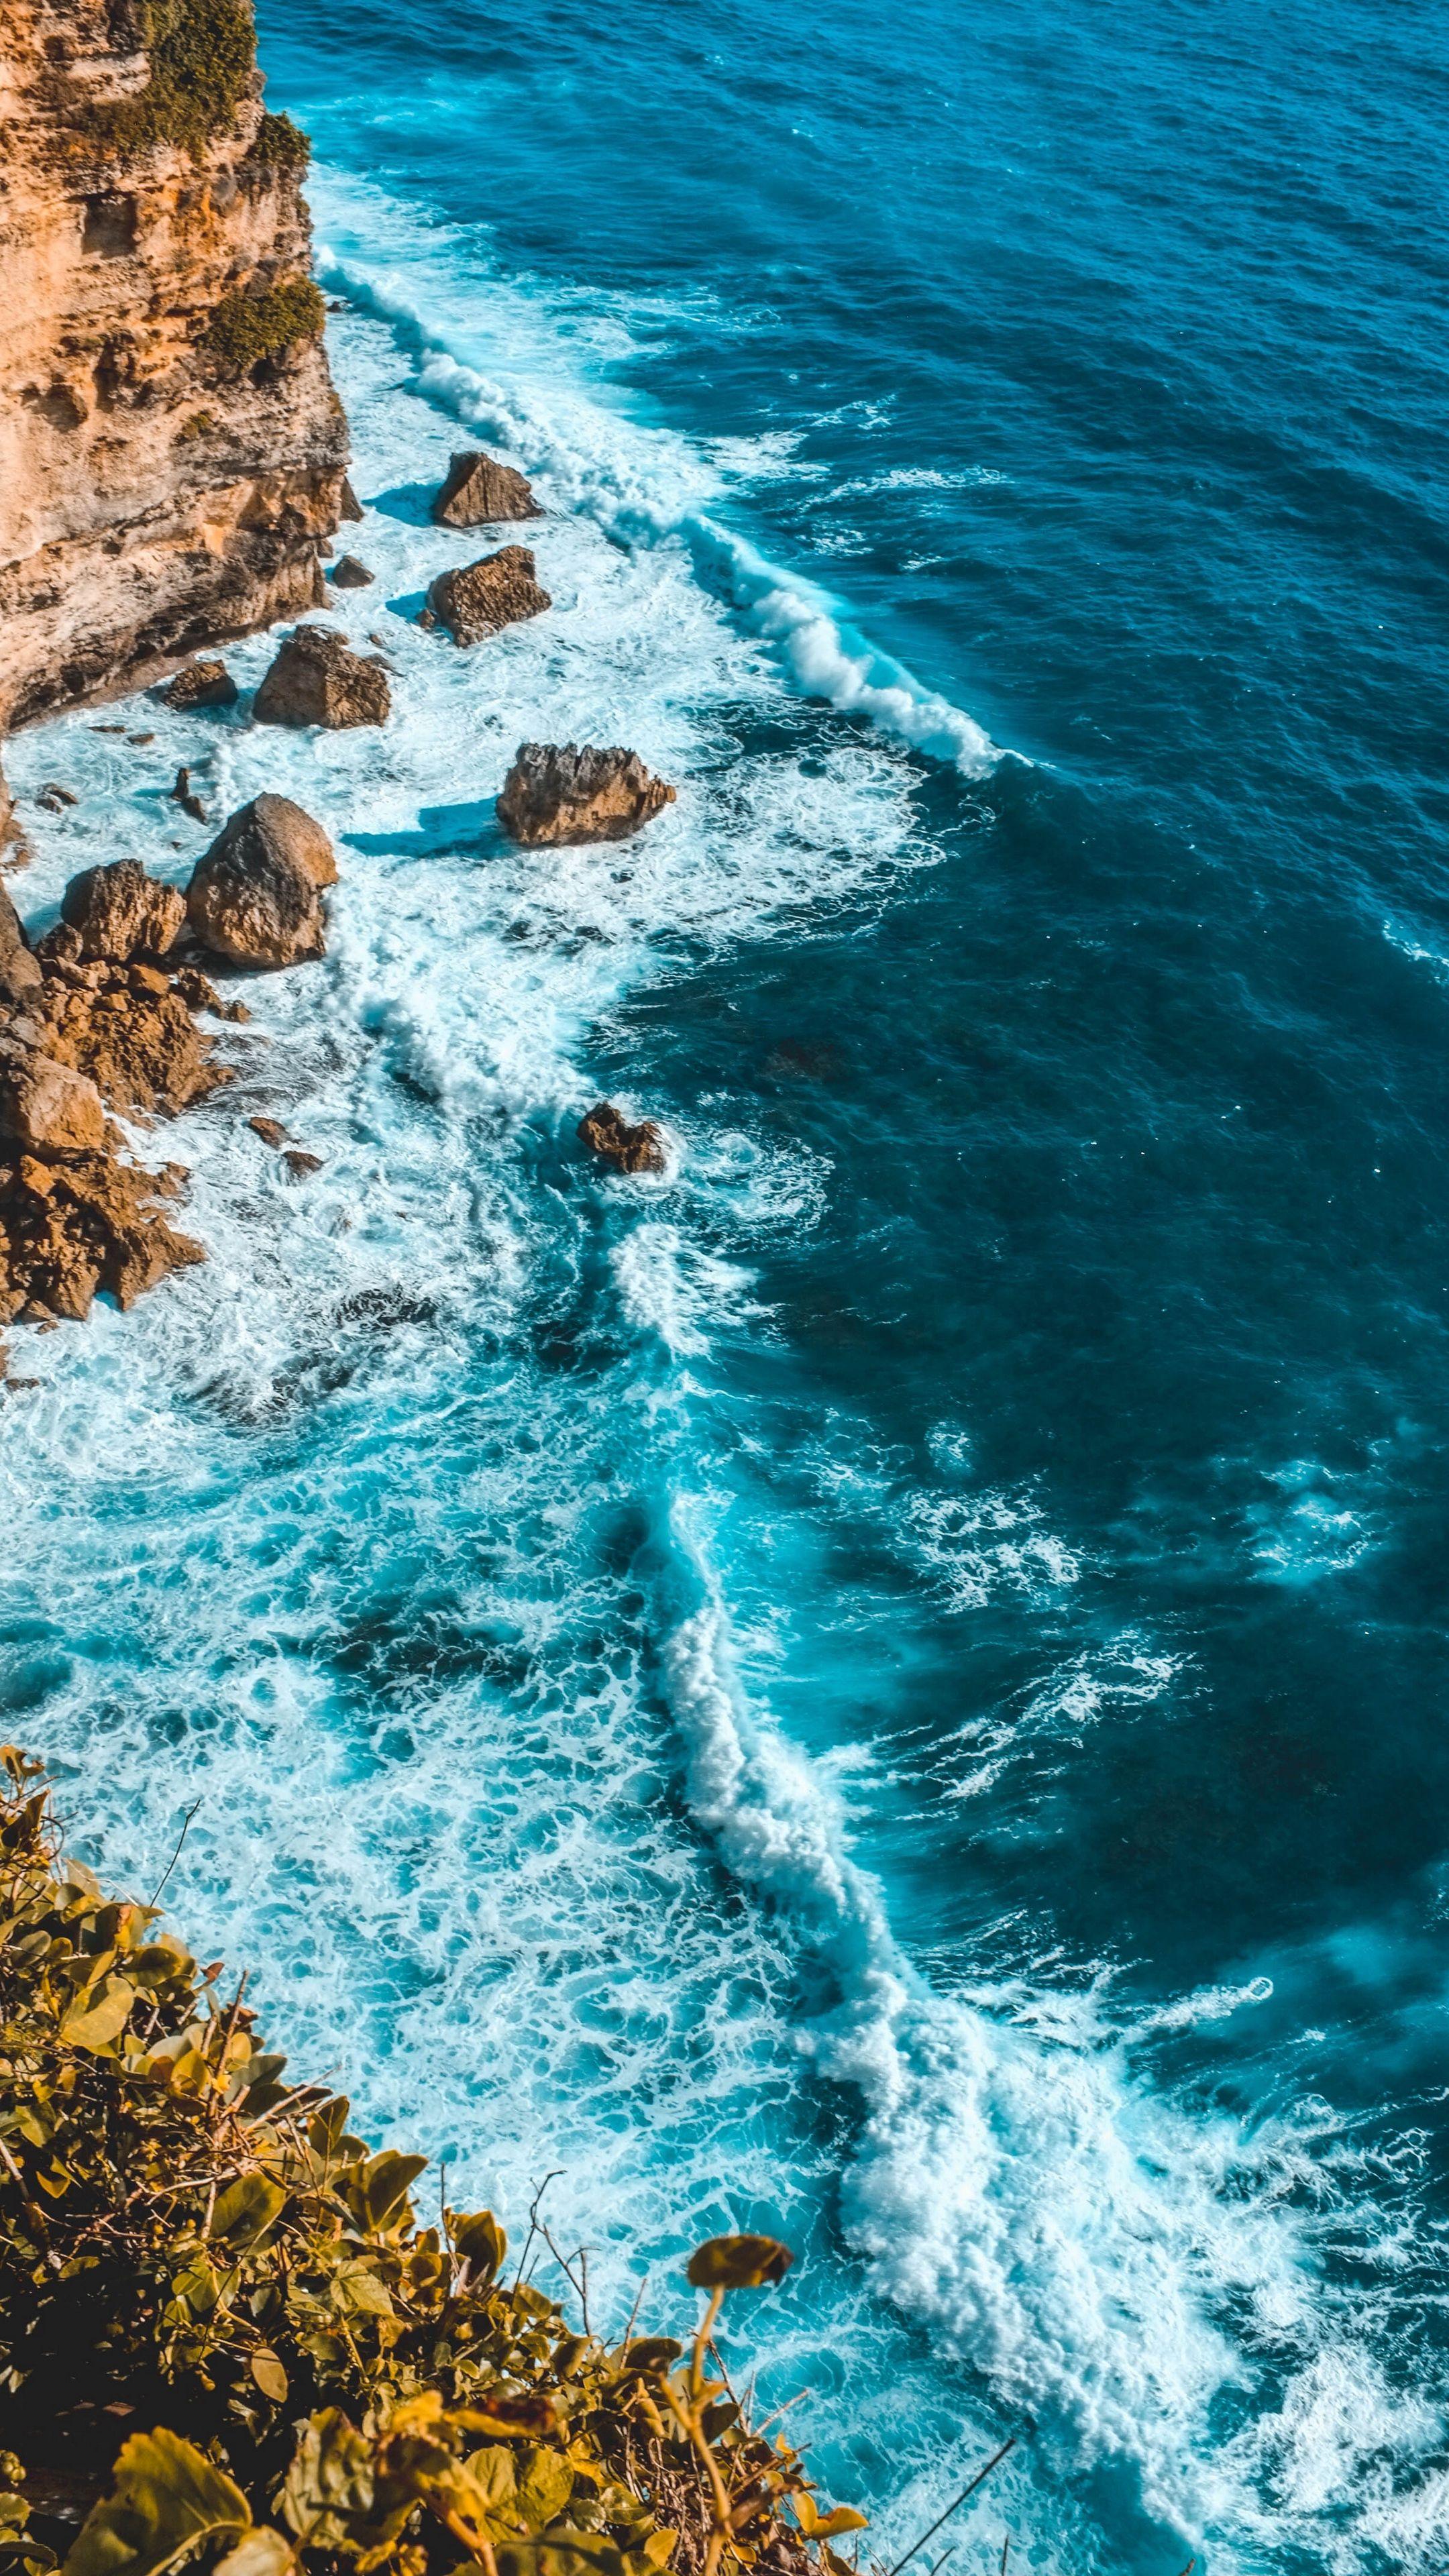 2160x3840 Обои море, прибой, волны, берег | Фотографии ...